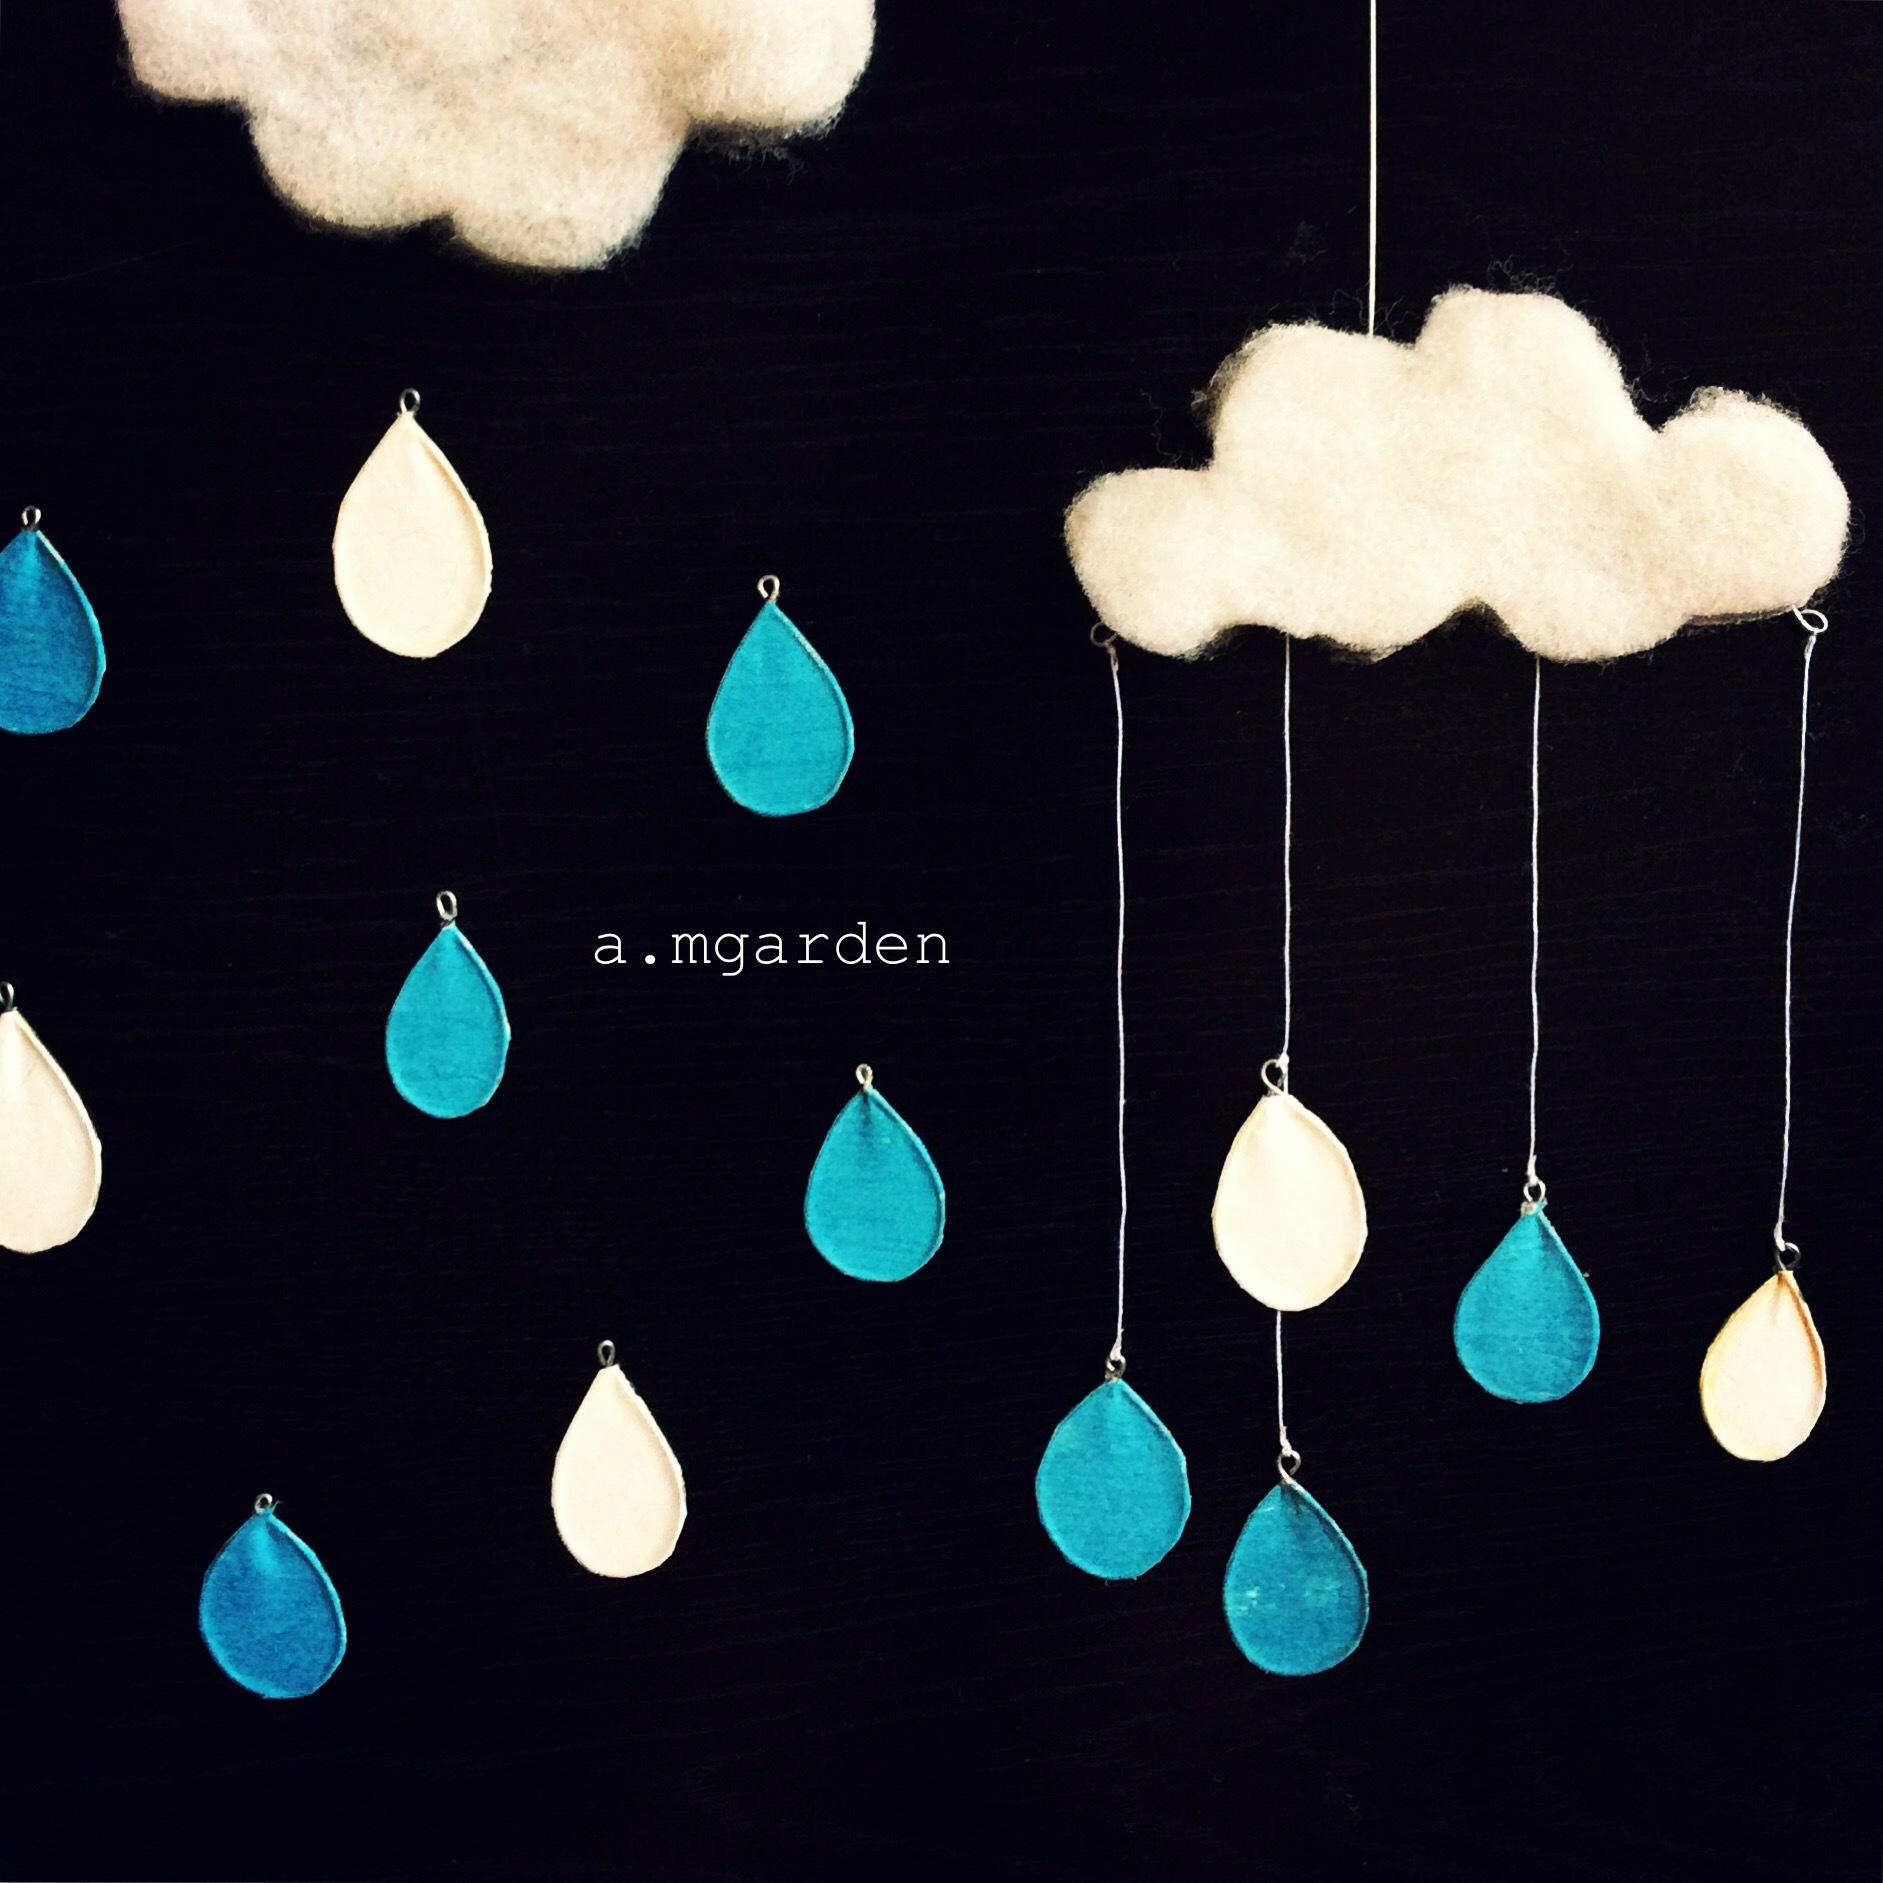 雨モビール。_b0125443_16201091.jpeg